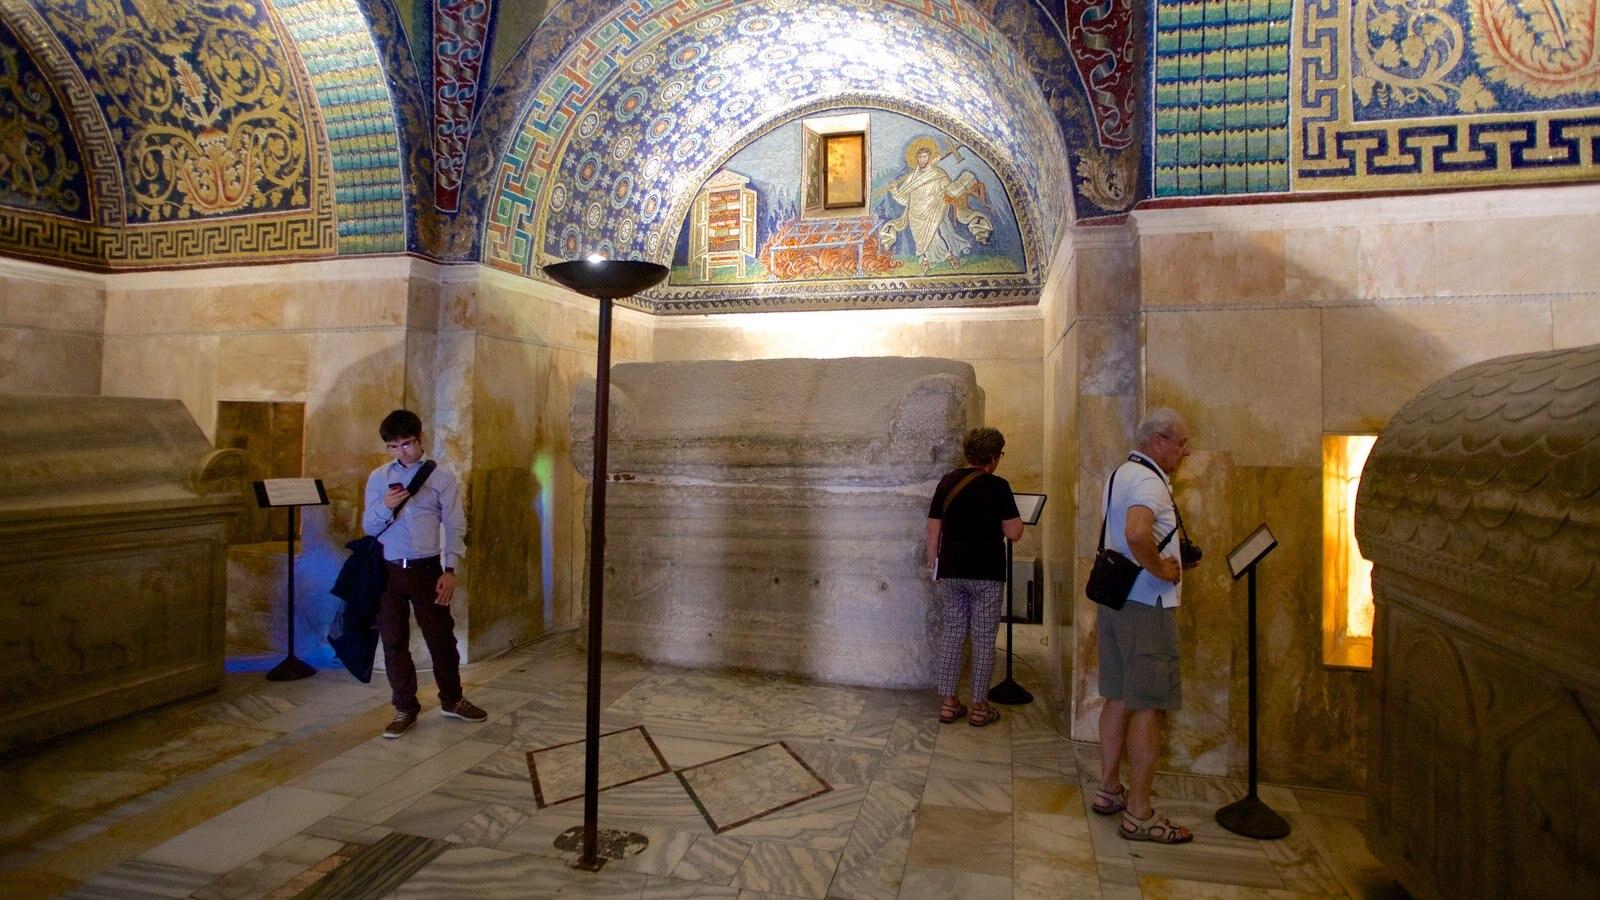 Mausoléu de Galla Placidia que inclui vistas internas, um cemitério e elementos religiosos